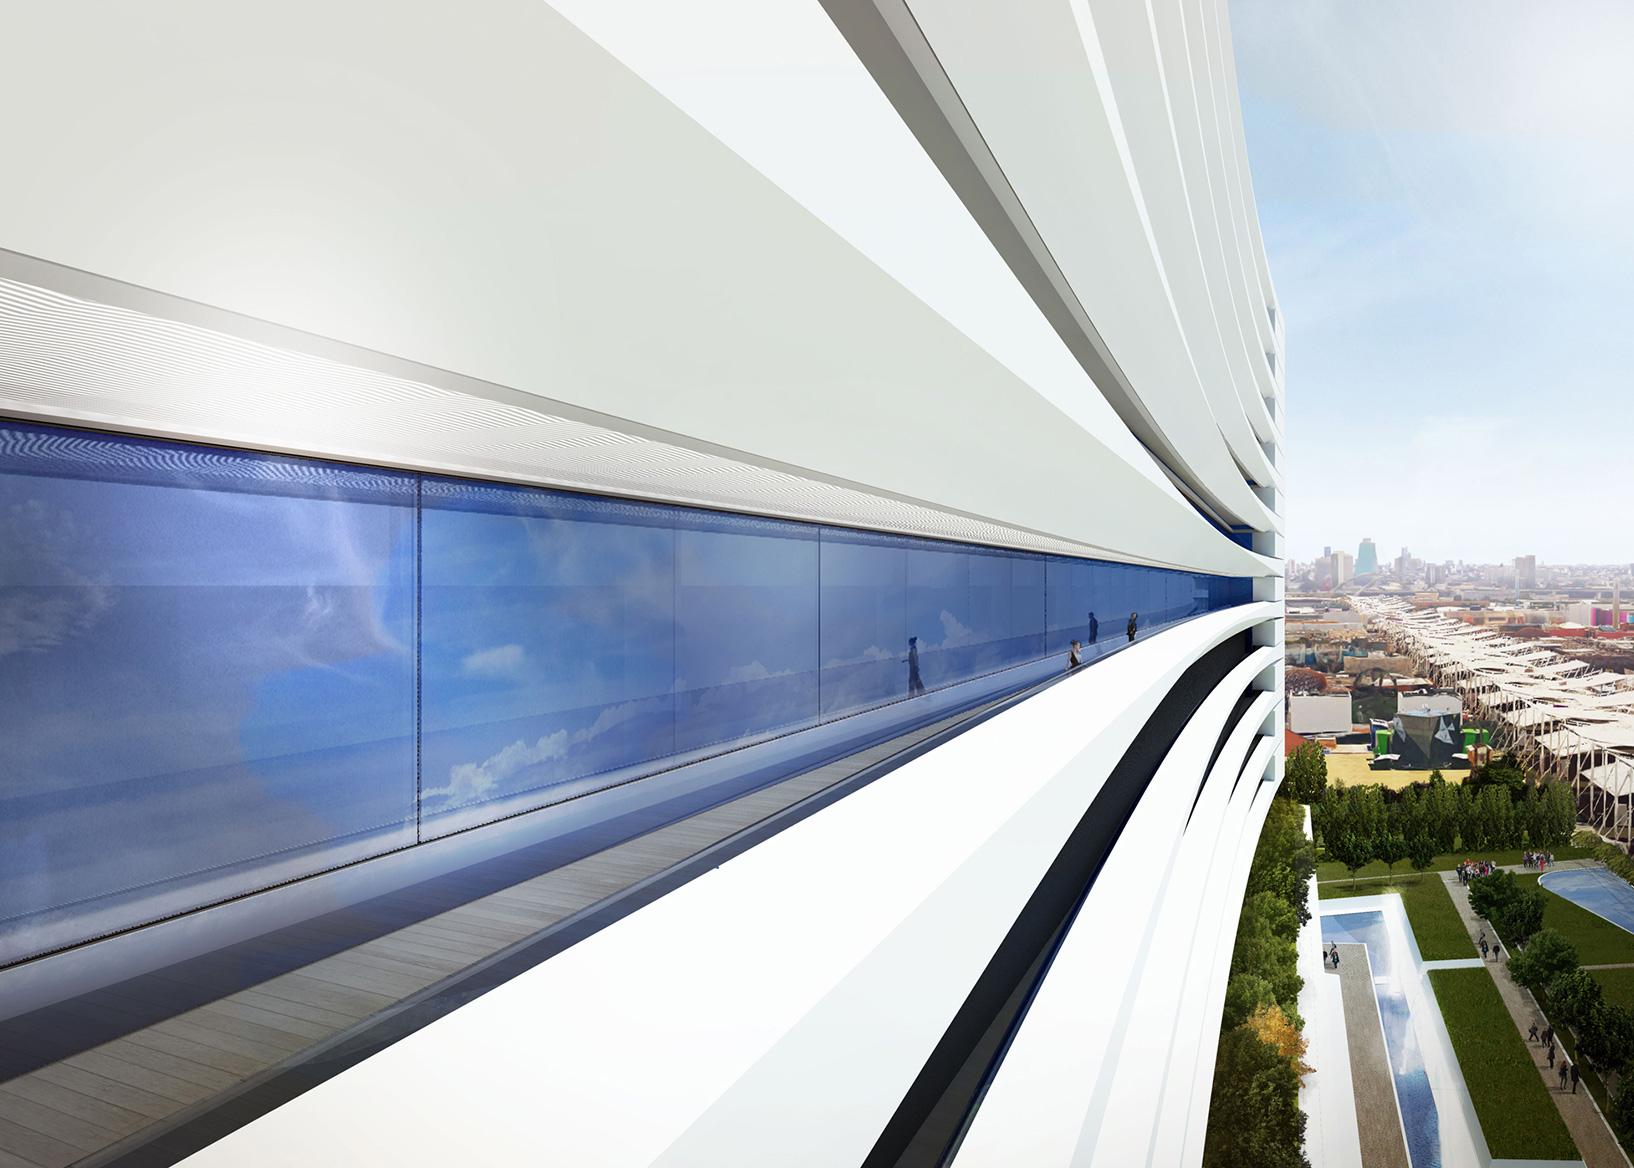 IRCCS Galeazzi, Milano, Binini Partners, Società di architettura e ingegneria